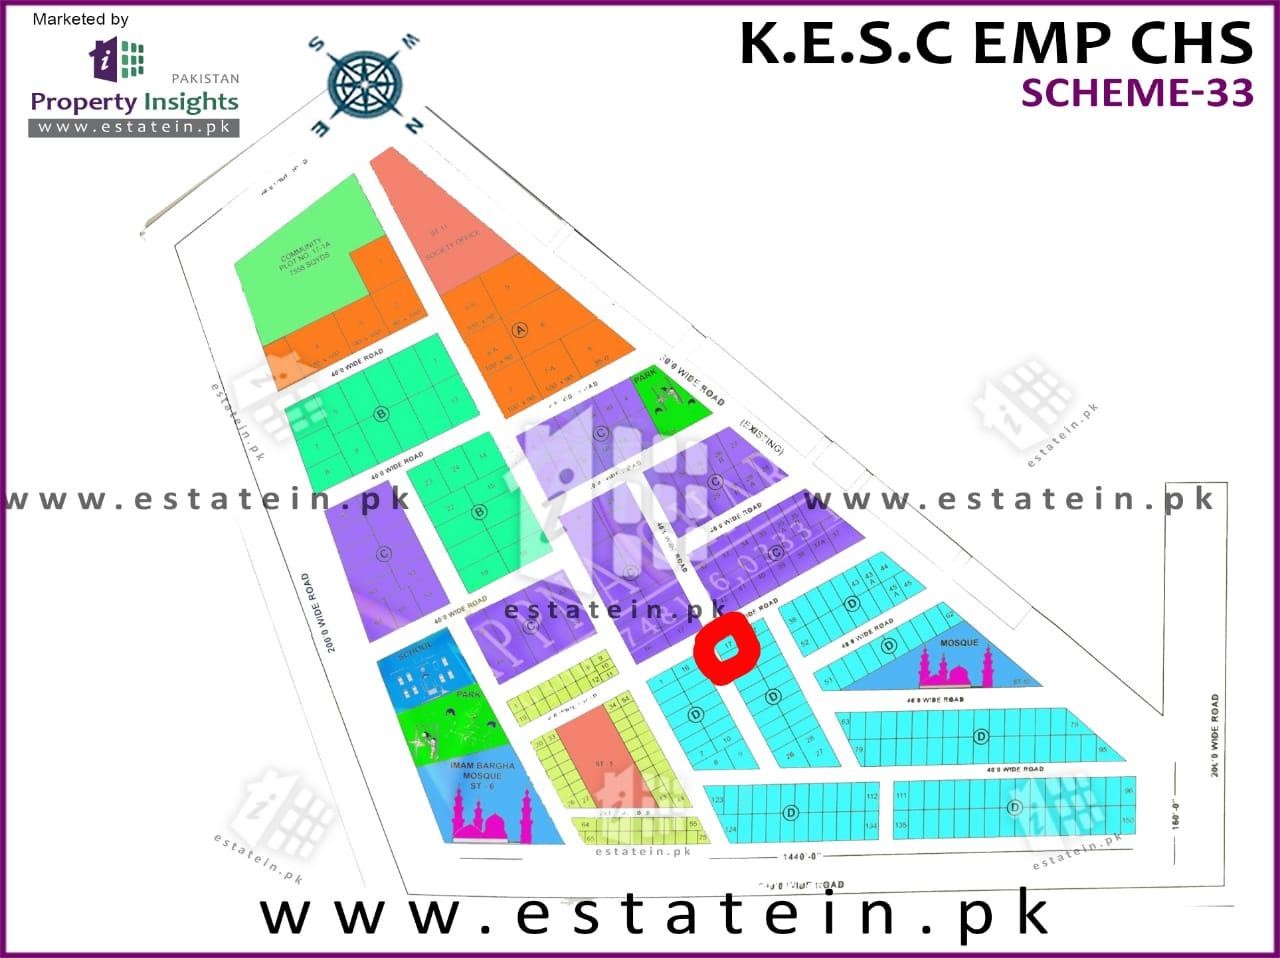 200 Sq yards Corner Plot for Sale in KESC Society Scheme 33